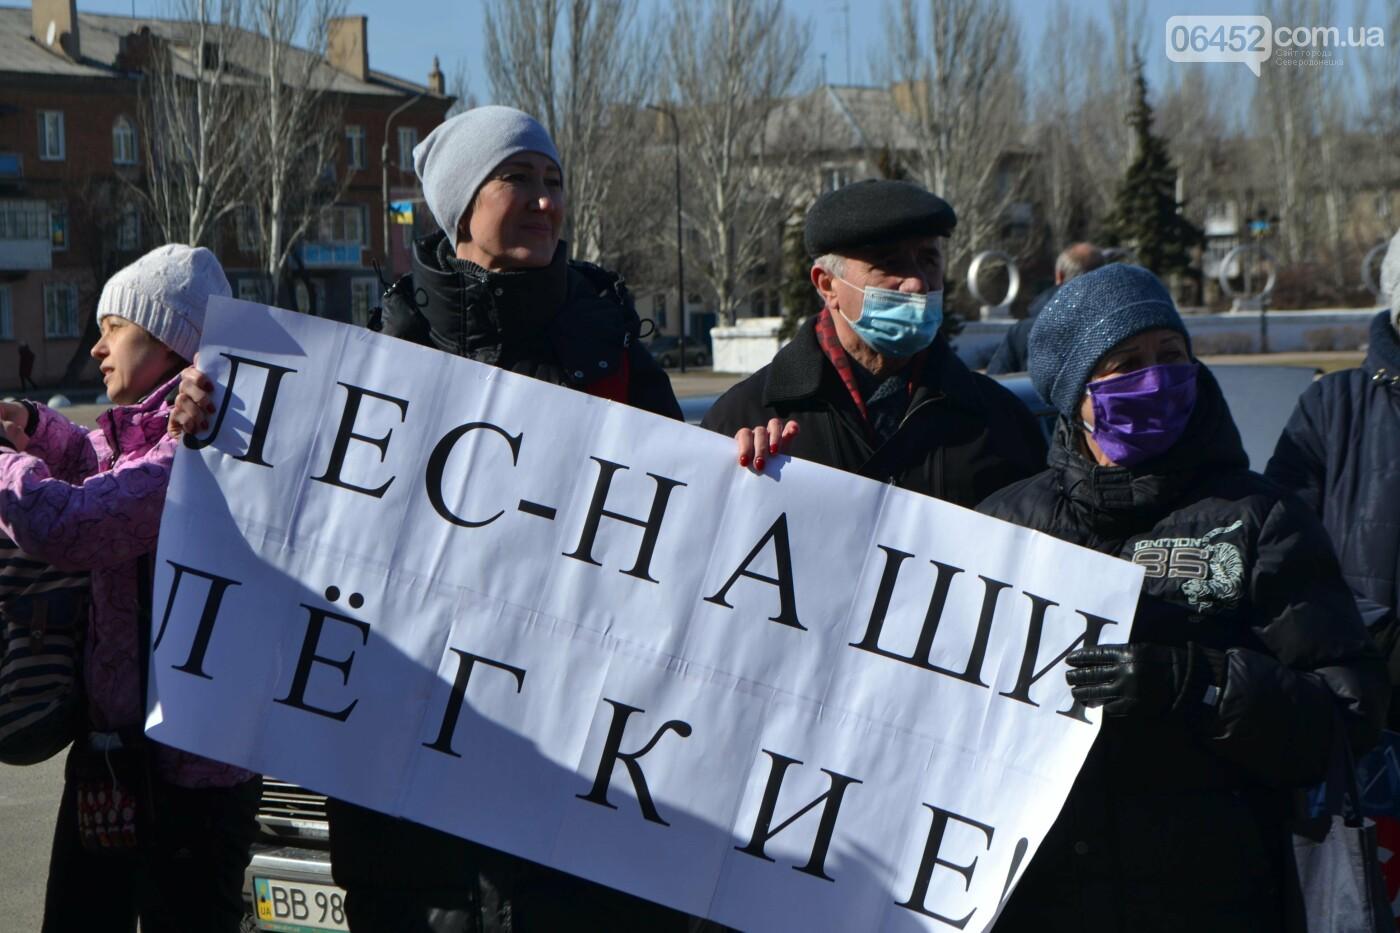 Северодончане вышли на мирную акцию против вырубки леса  (фото, видео) , фото-3